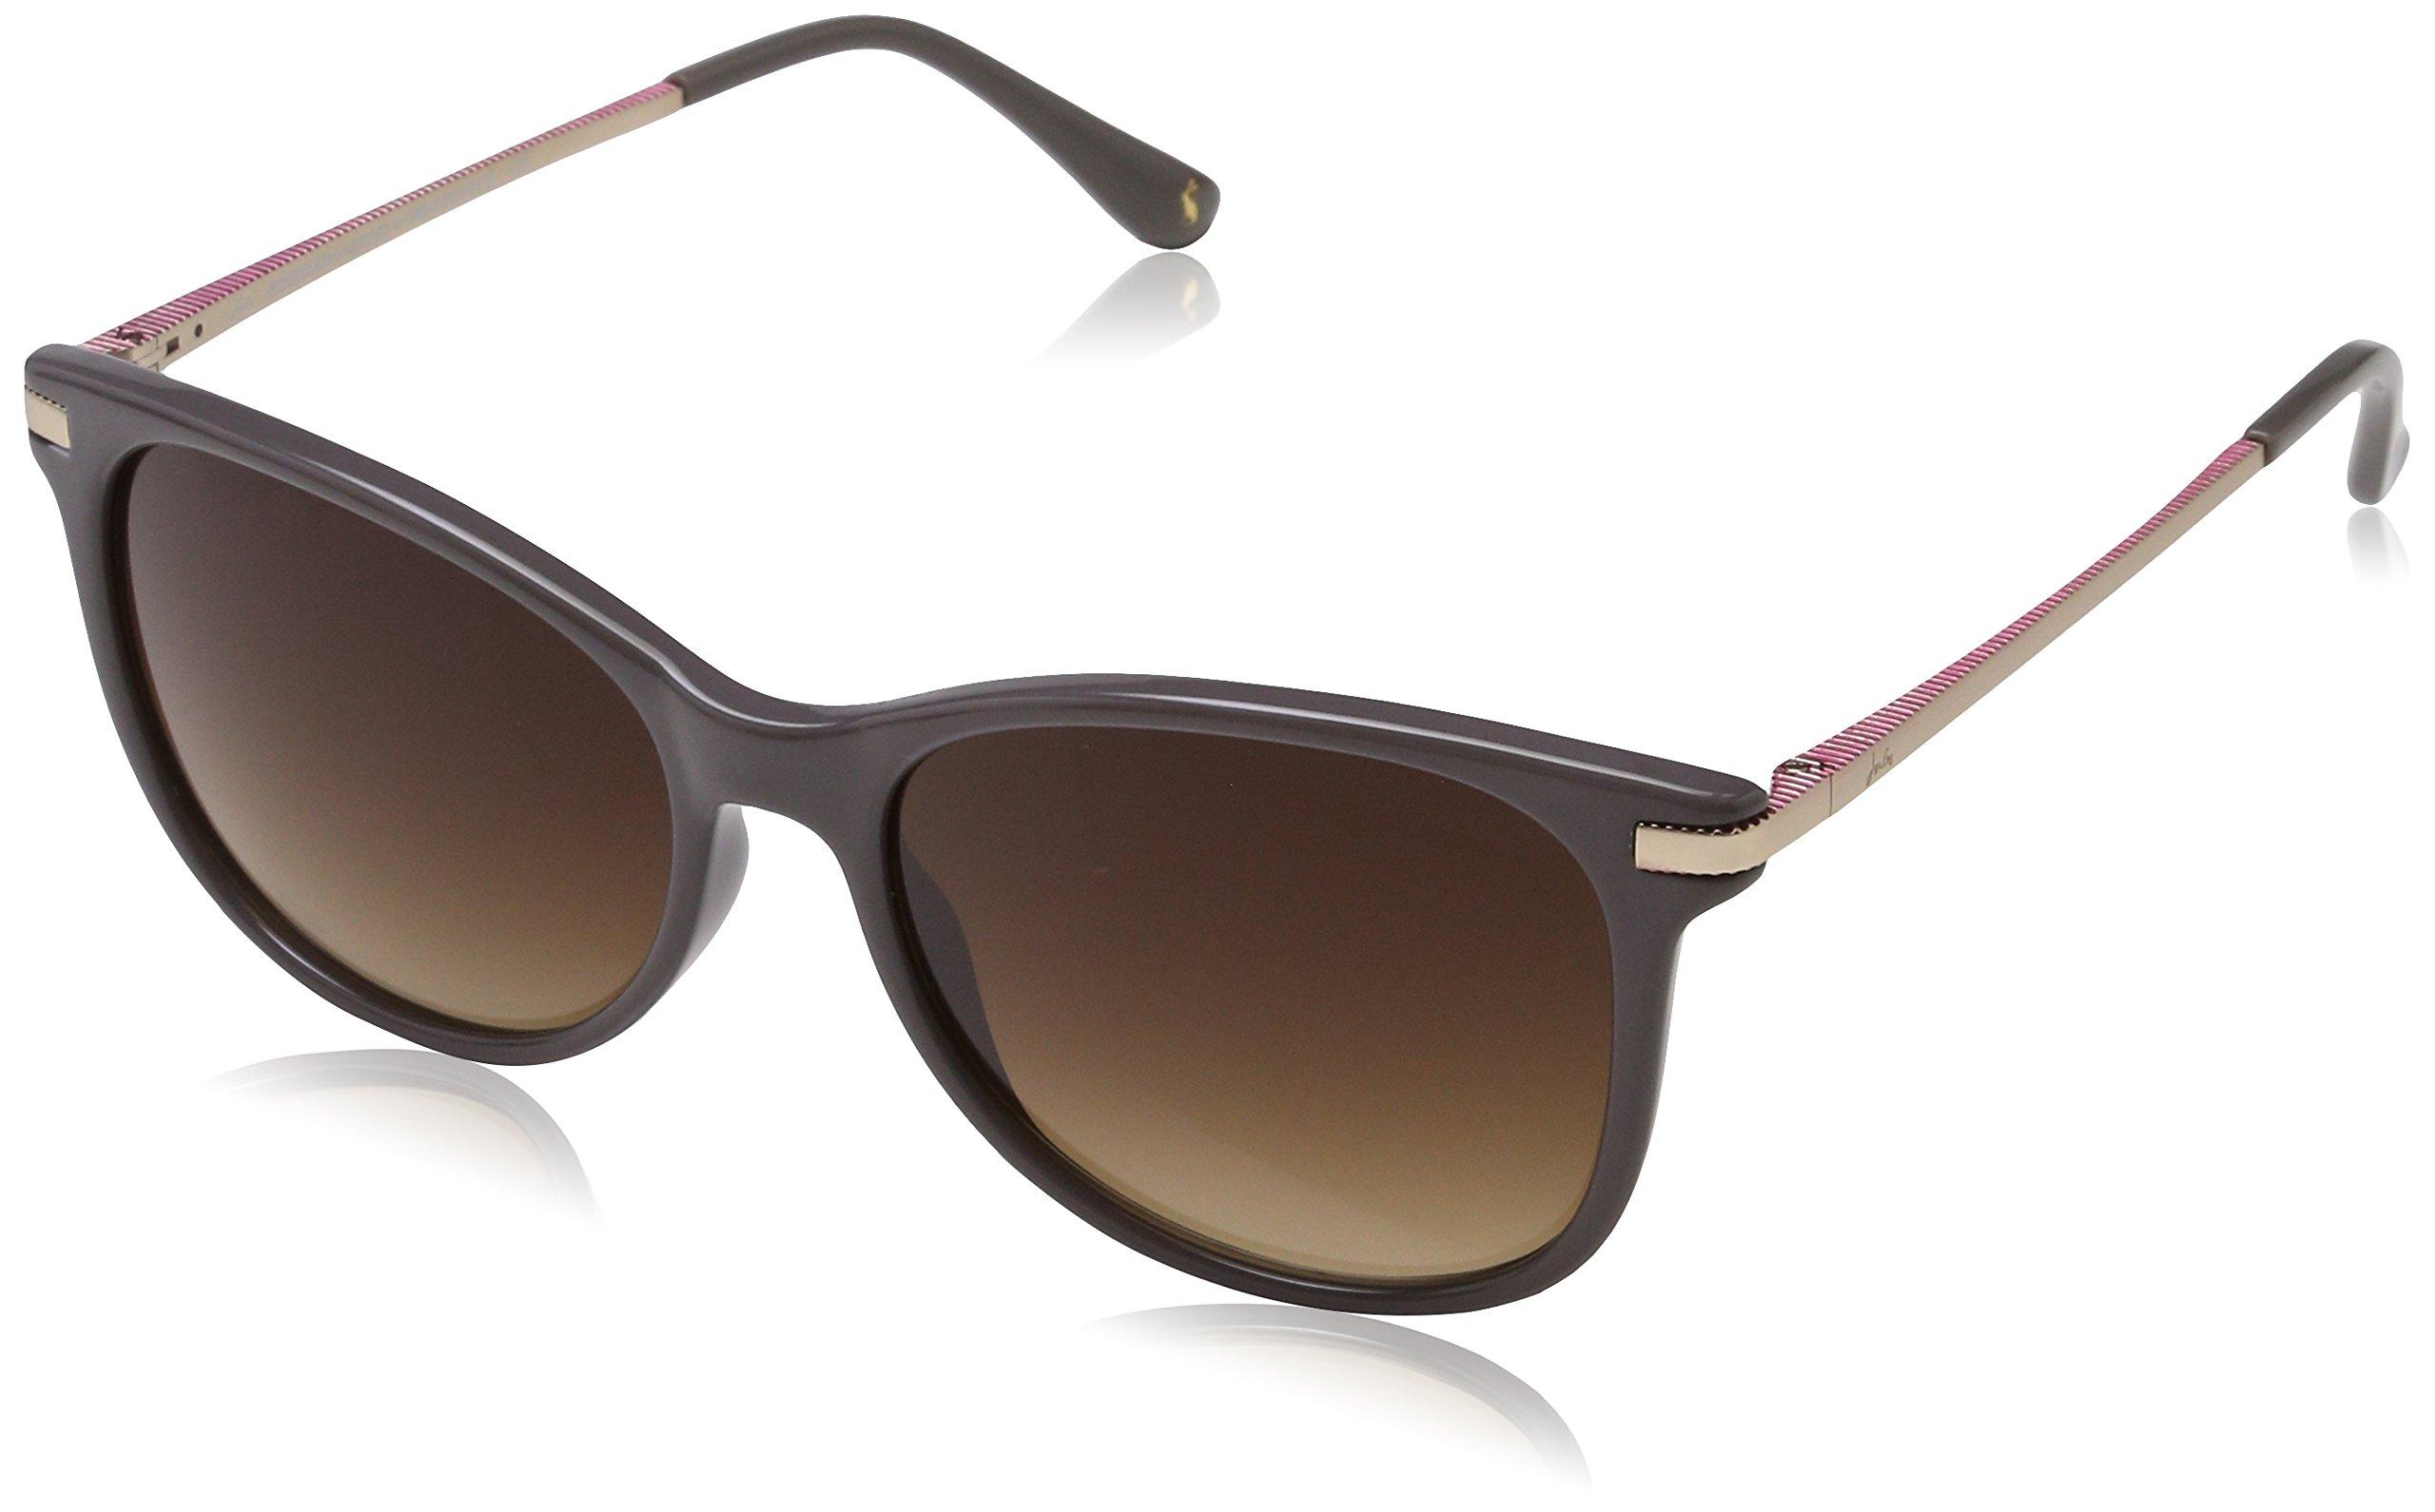 Joules Sunglasses Sandown Montures De LunettesGrisgrey55 kXOPZiu